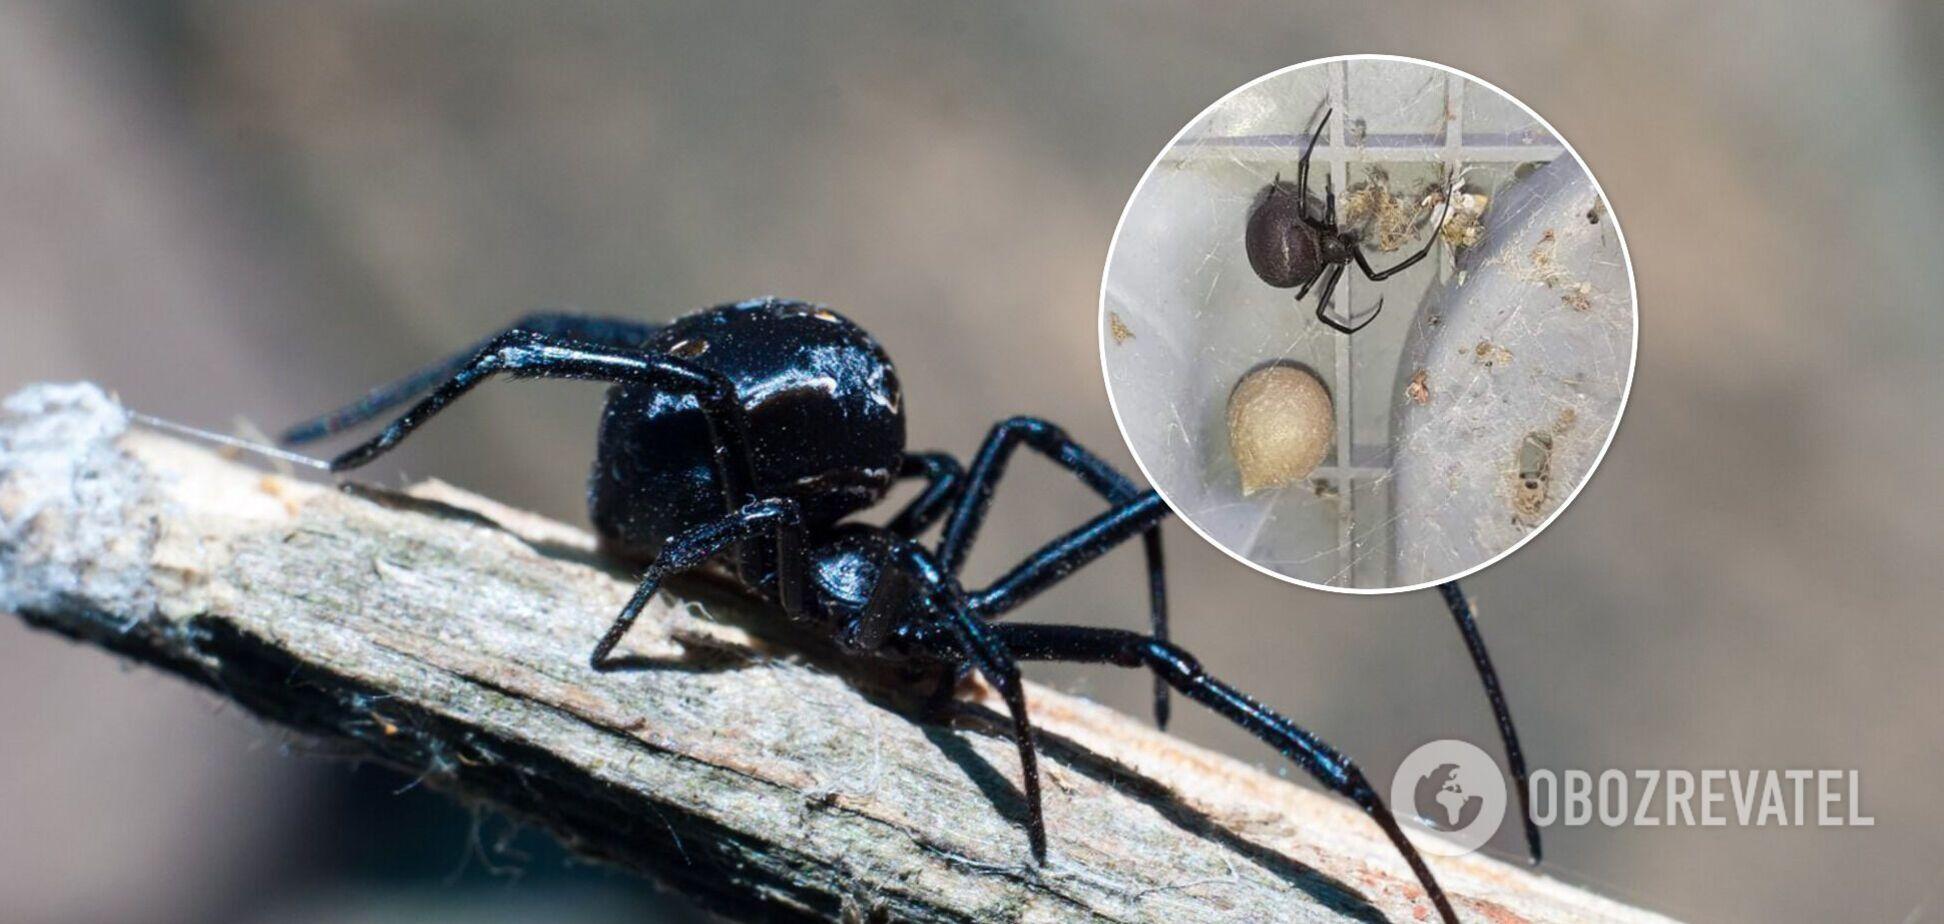 Житель Измаил обнаружил во дворе опасного паука